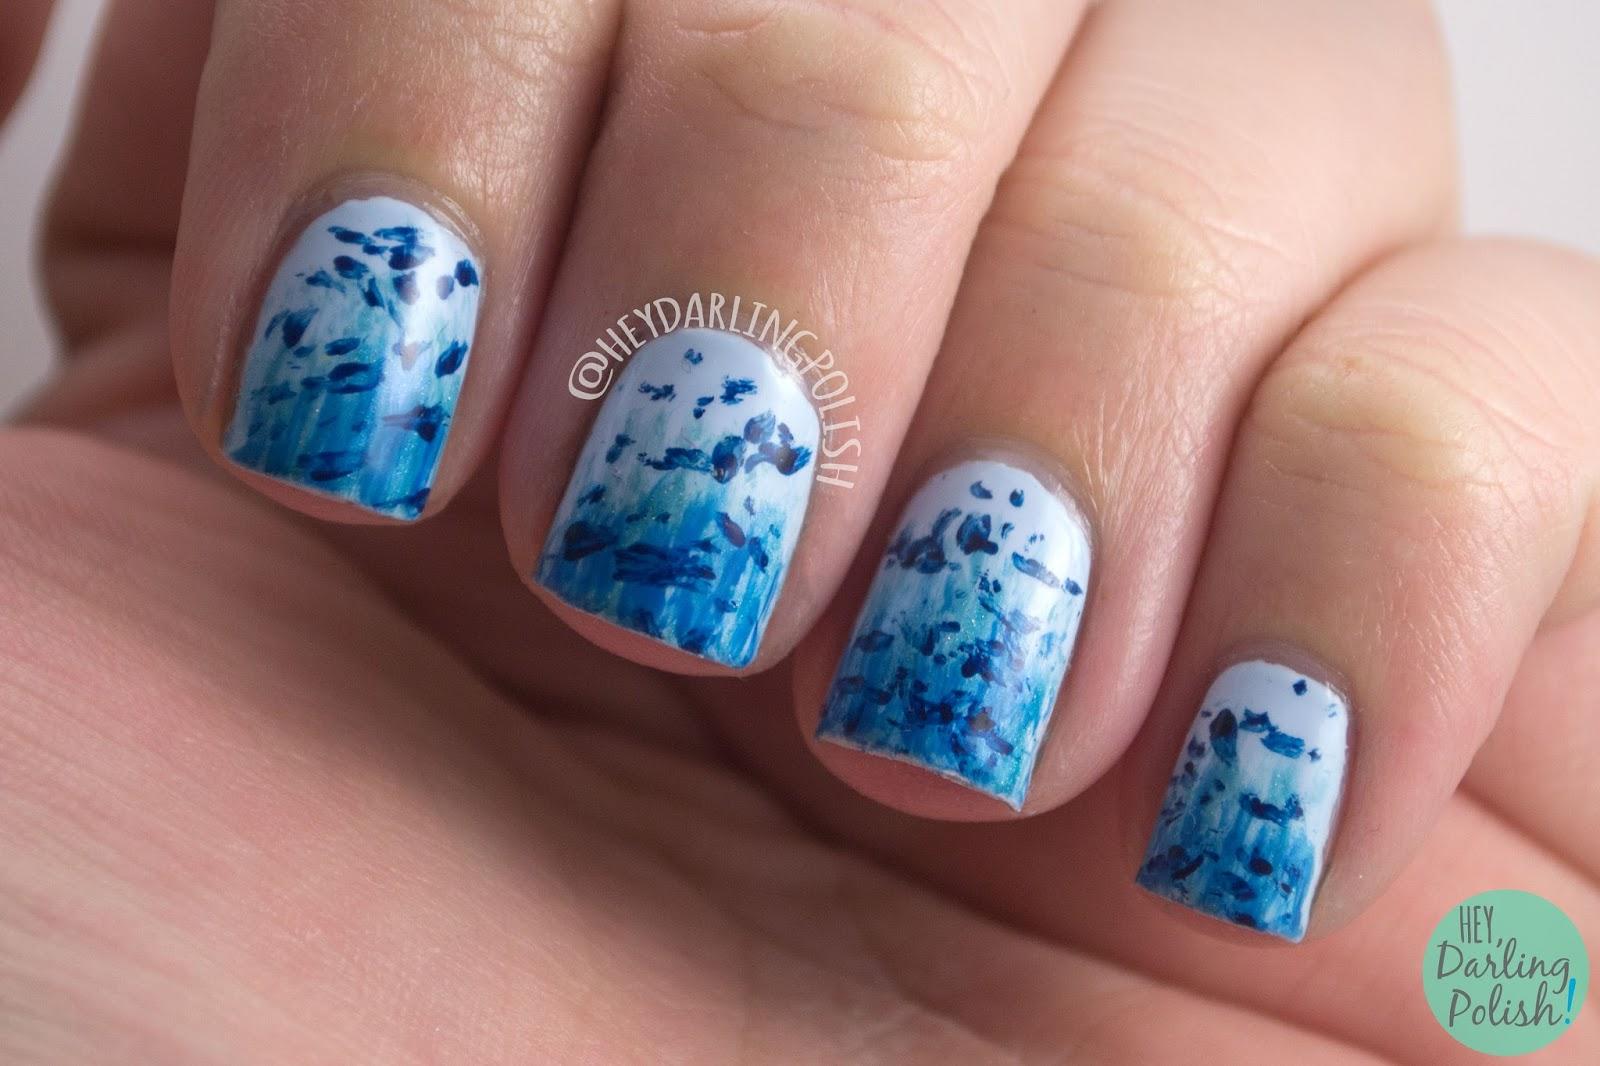 nails, nail art, nail polish, blue, guppy, hey darling polish, 52 week challenge,